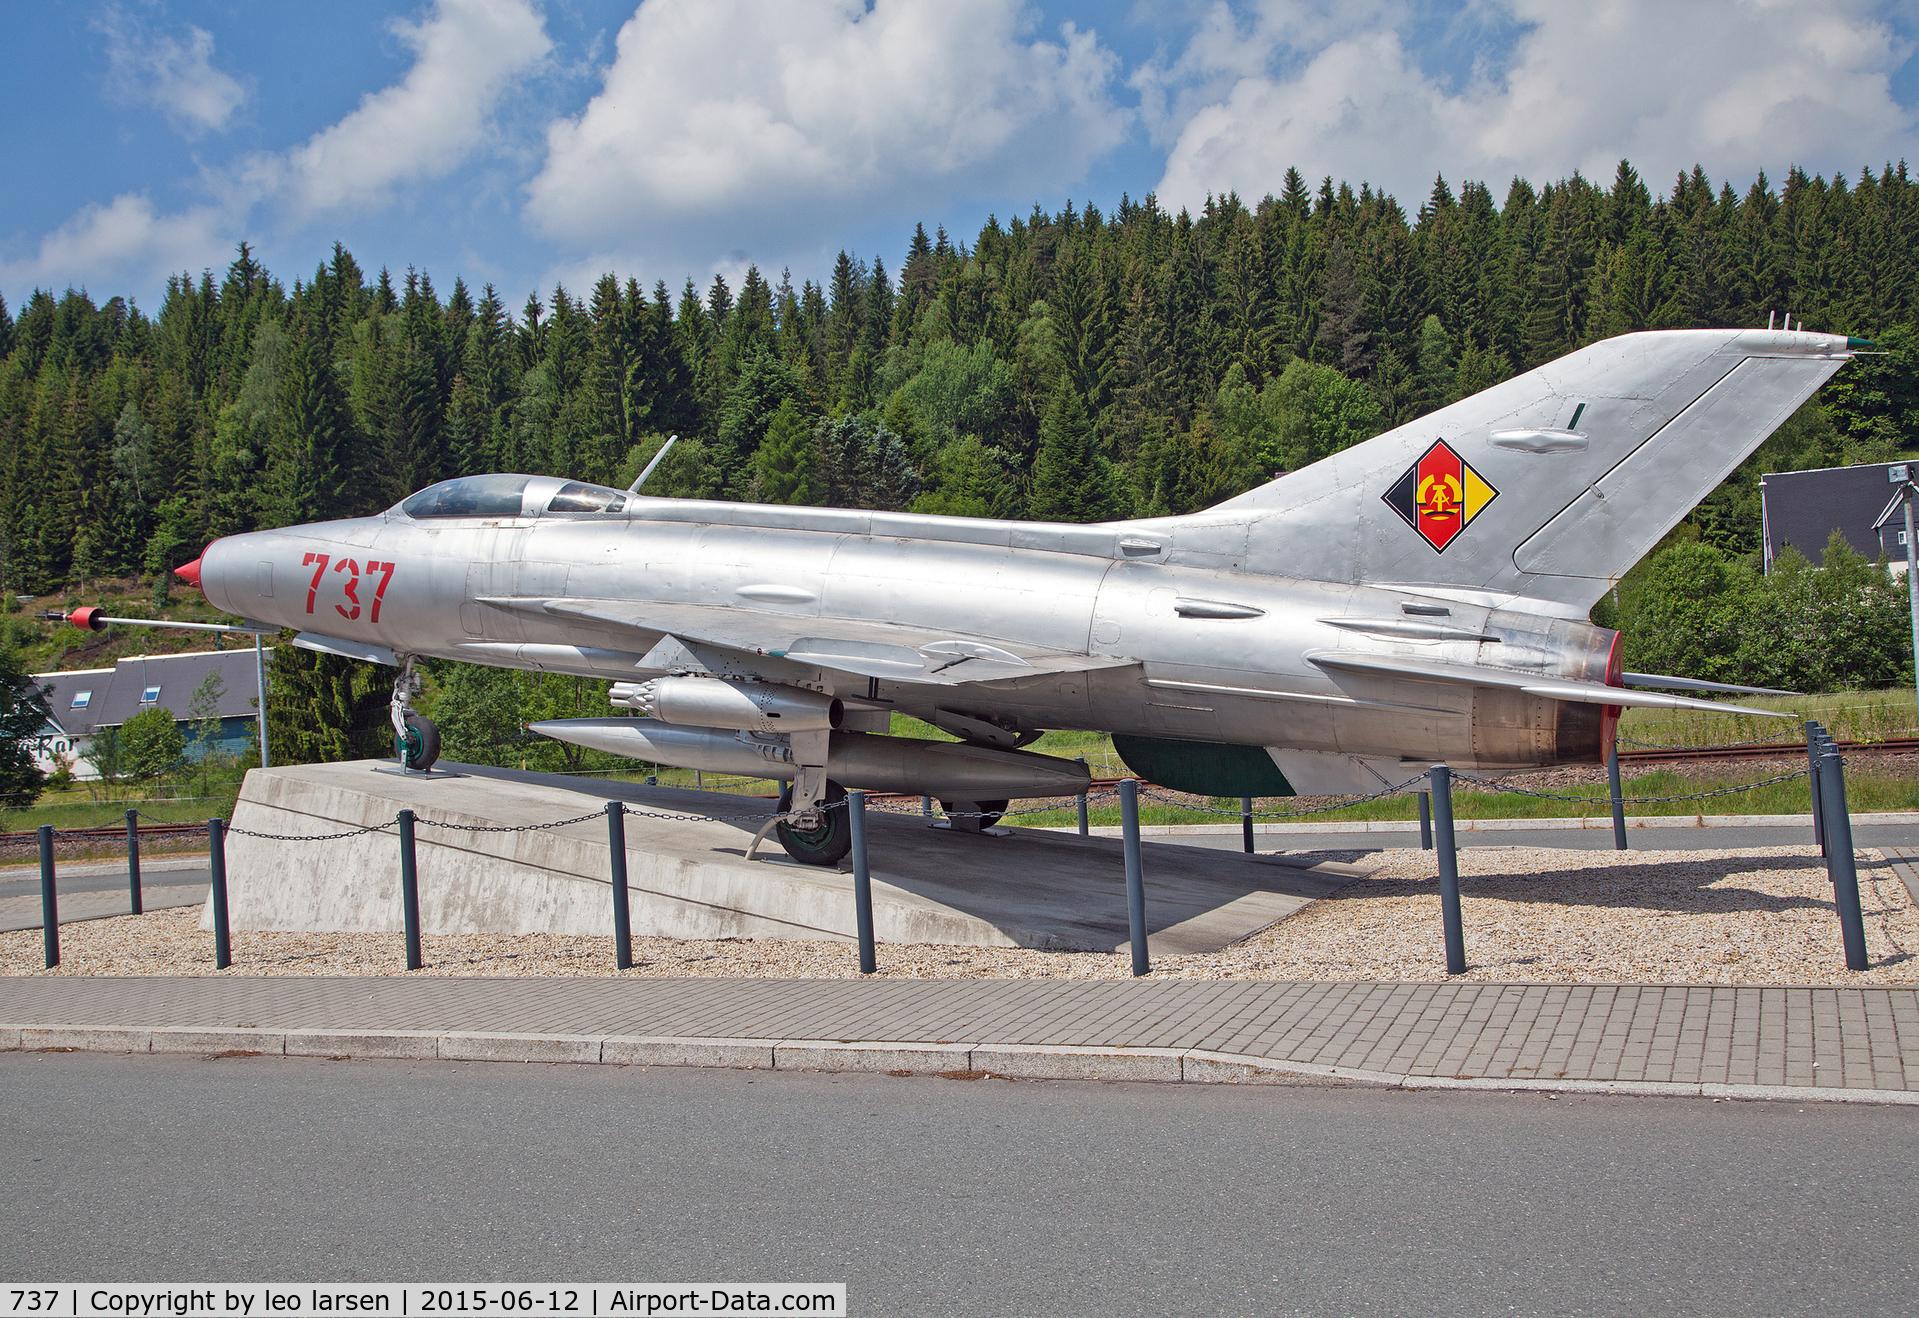 737, 1964 Mikoyan-Gurevich MiG-21F-13 C/N 74 1608, Deutsche Raumfahrtaustlllung Morgenröthe-Rautenkranz 12.6.15